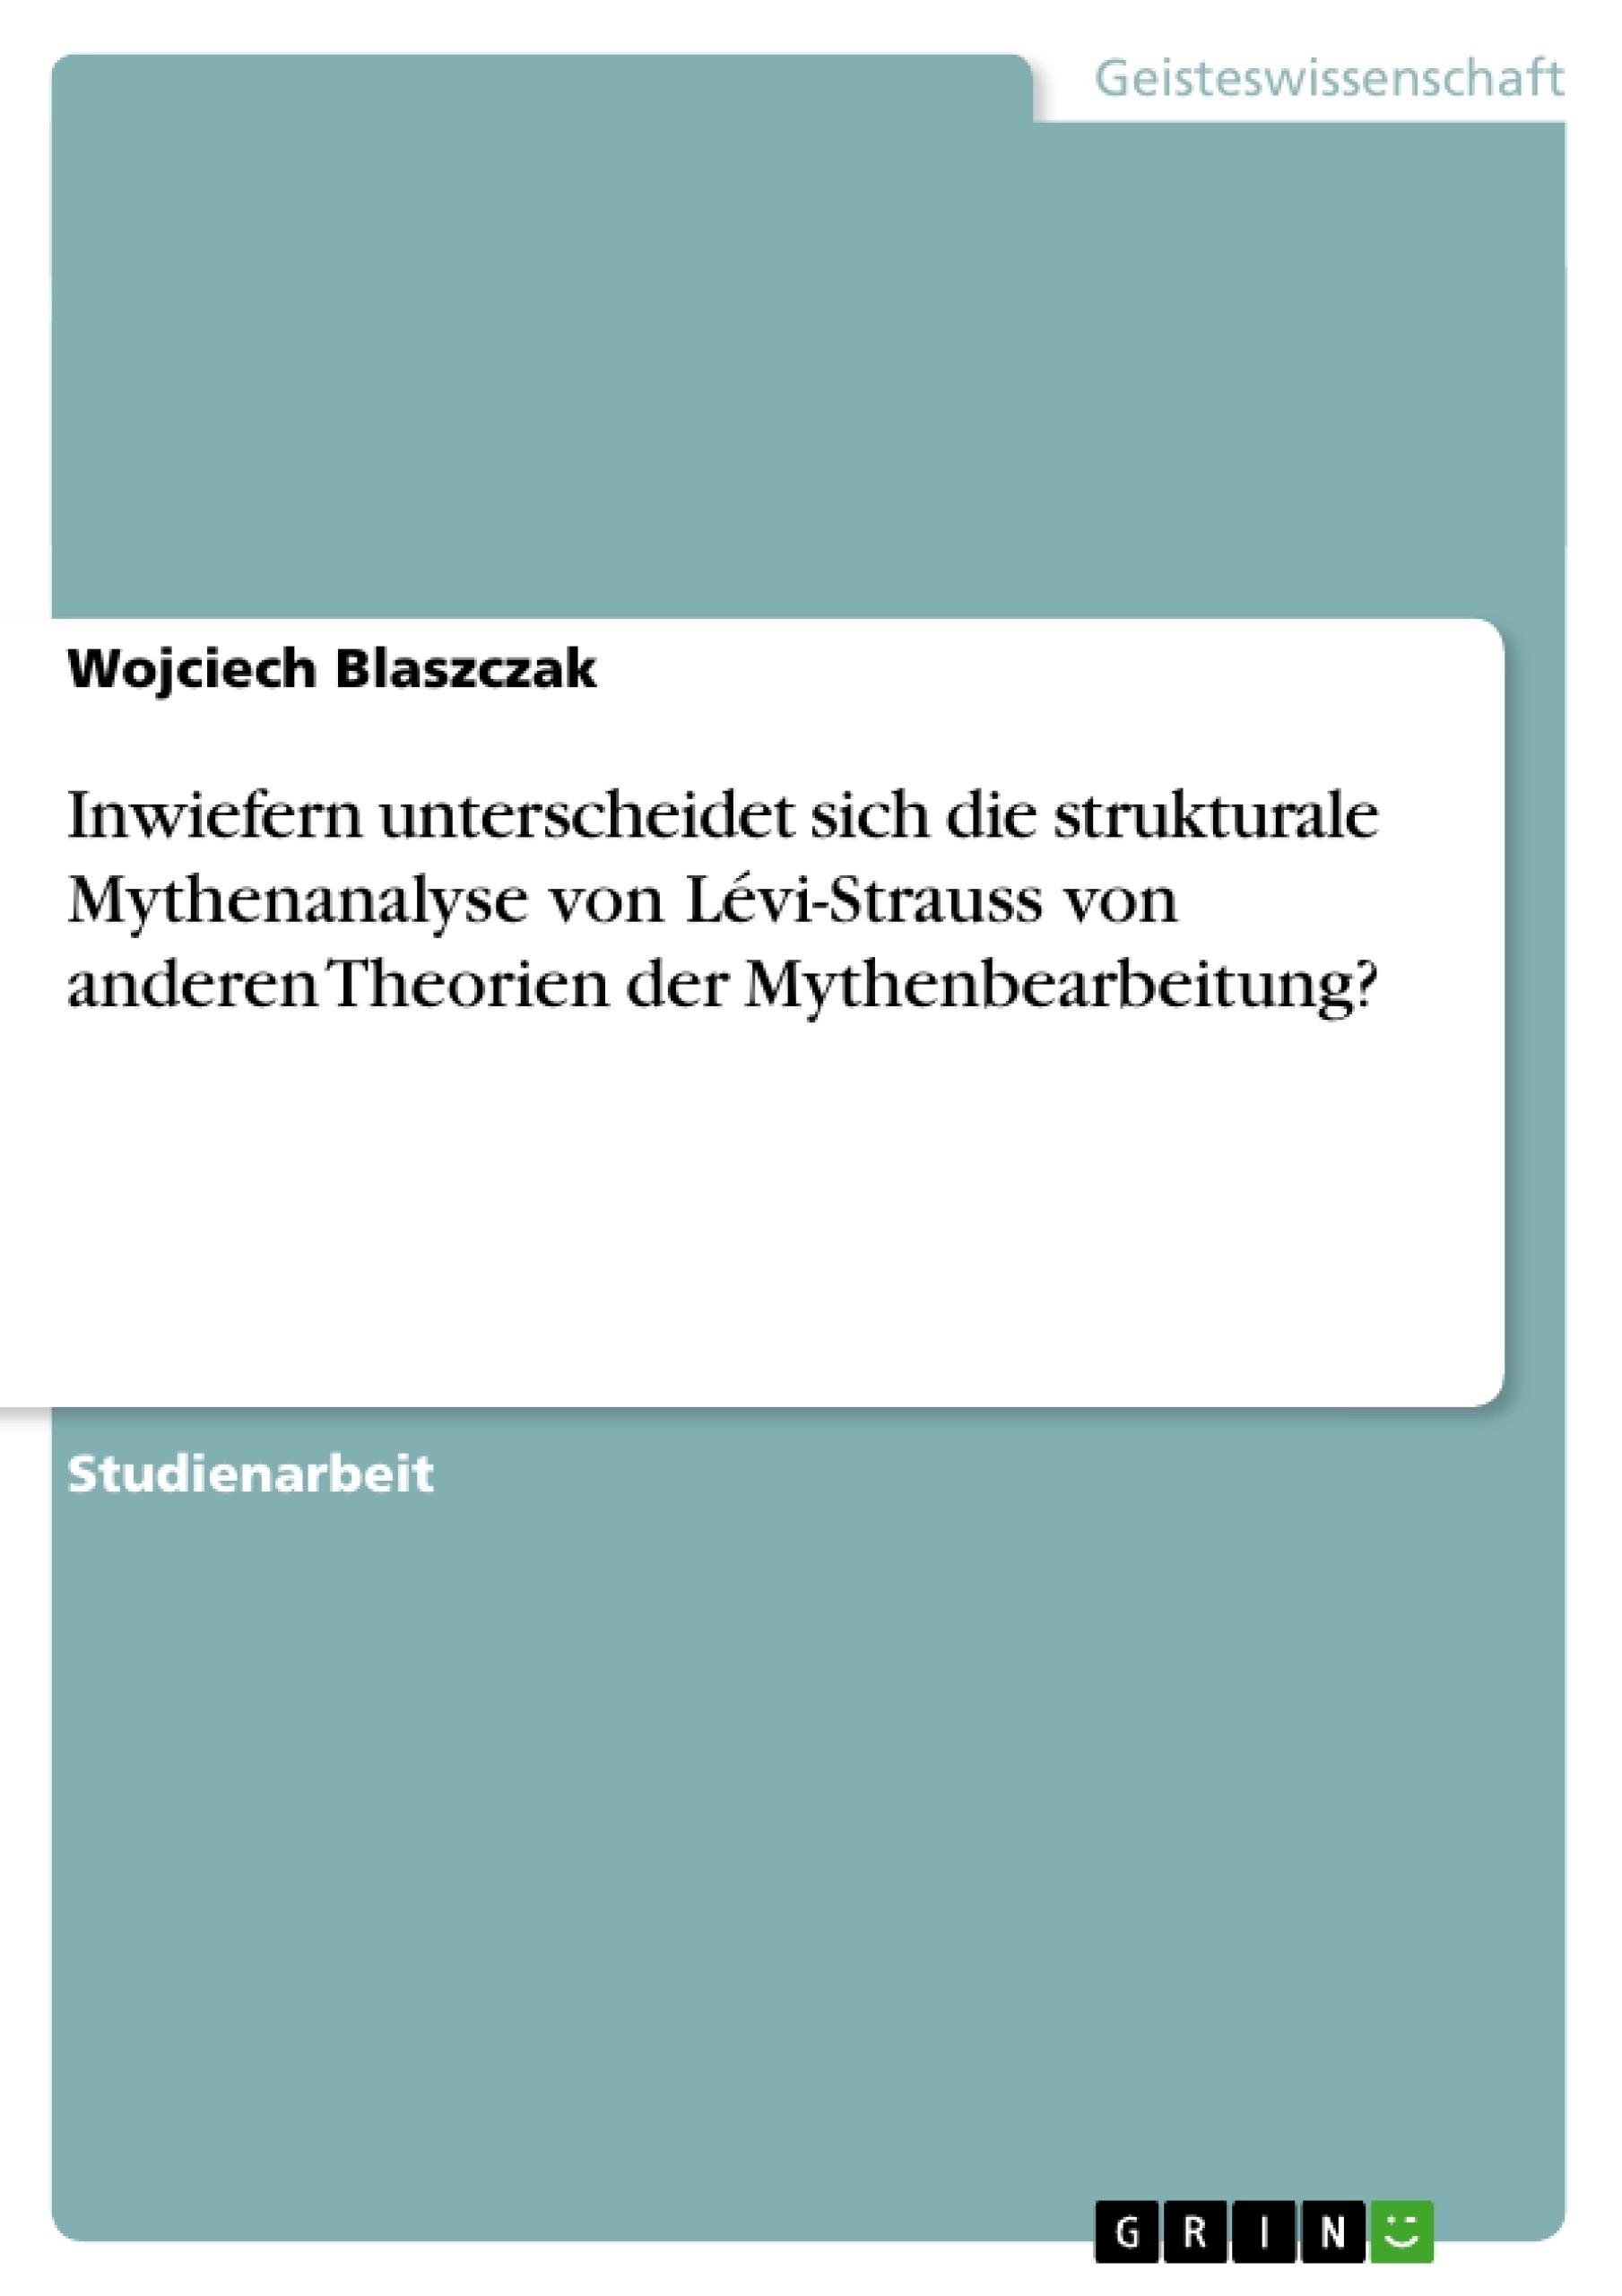 Titel: Inwiefern unterscheidet sich die strukturale Mythenanalyse von Lévi-Strauss von anderen Theorien der Mythenbearbeitung?